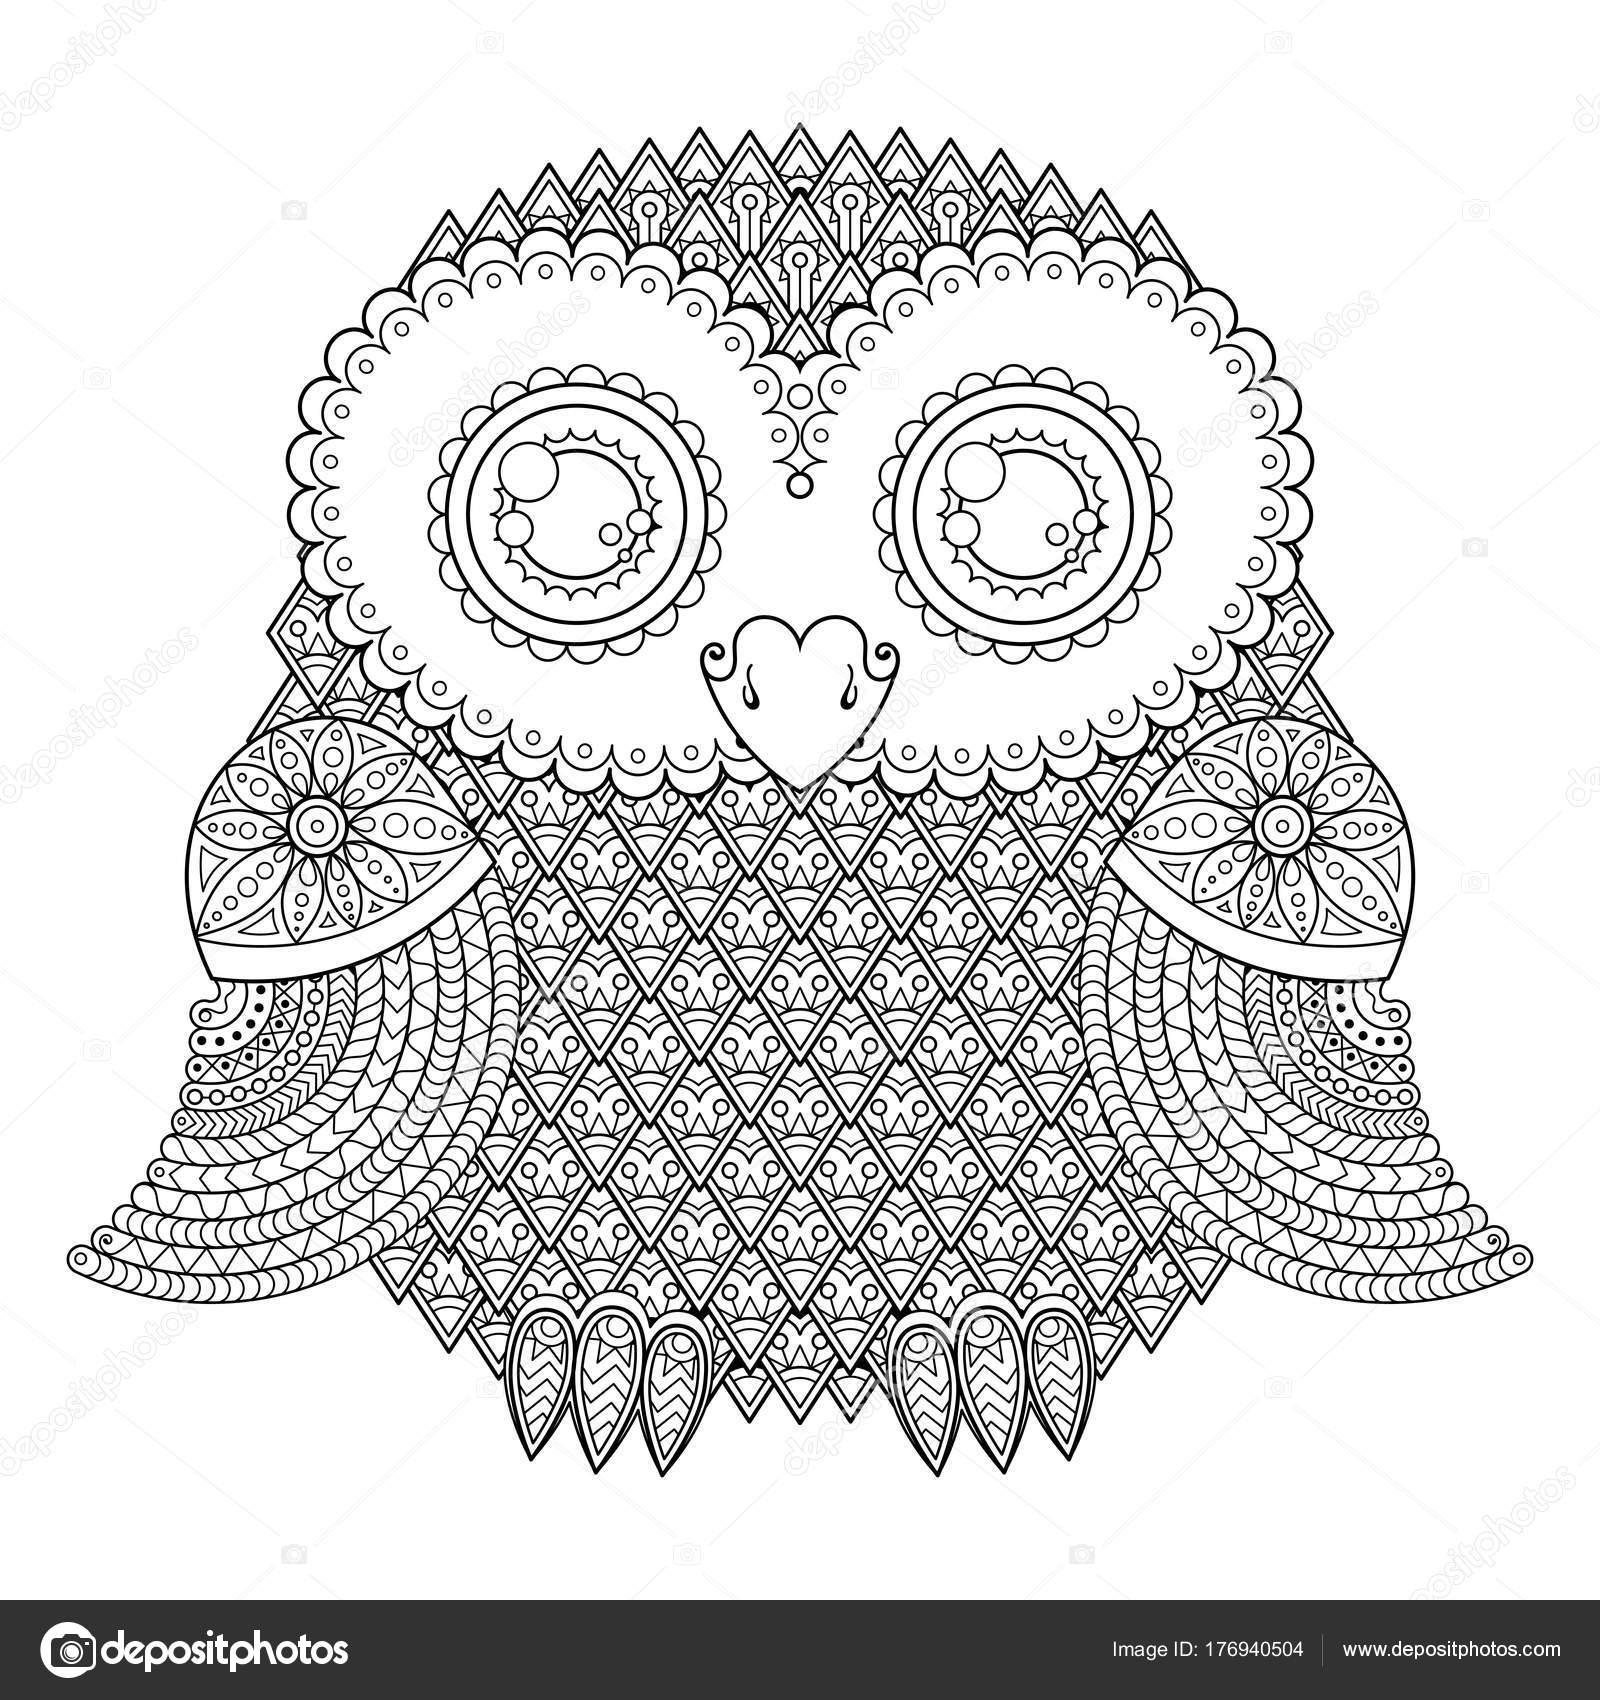 Süße Eule Abbildung. Kunstvoll gemusterten Vogel. Bild zum Ausmalen ...